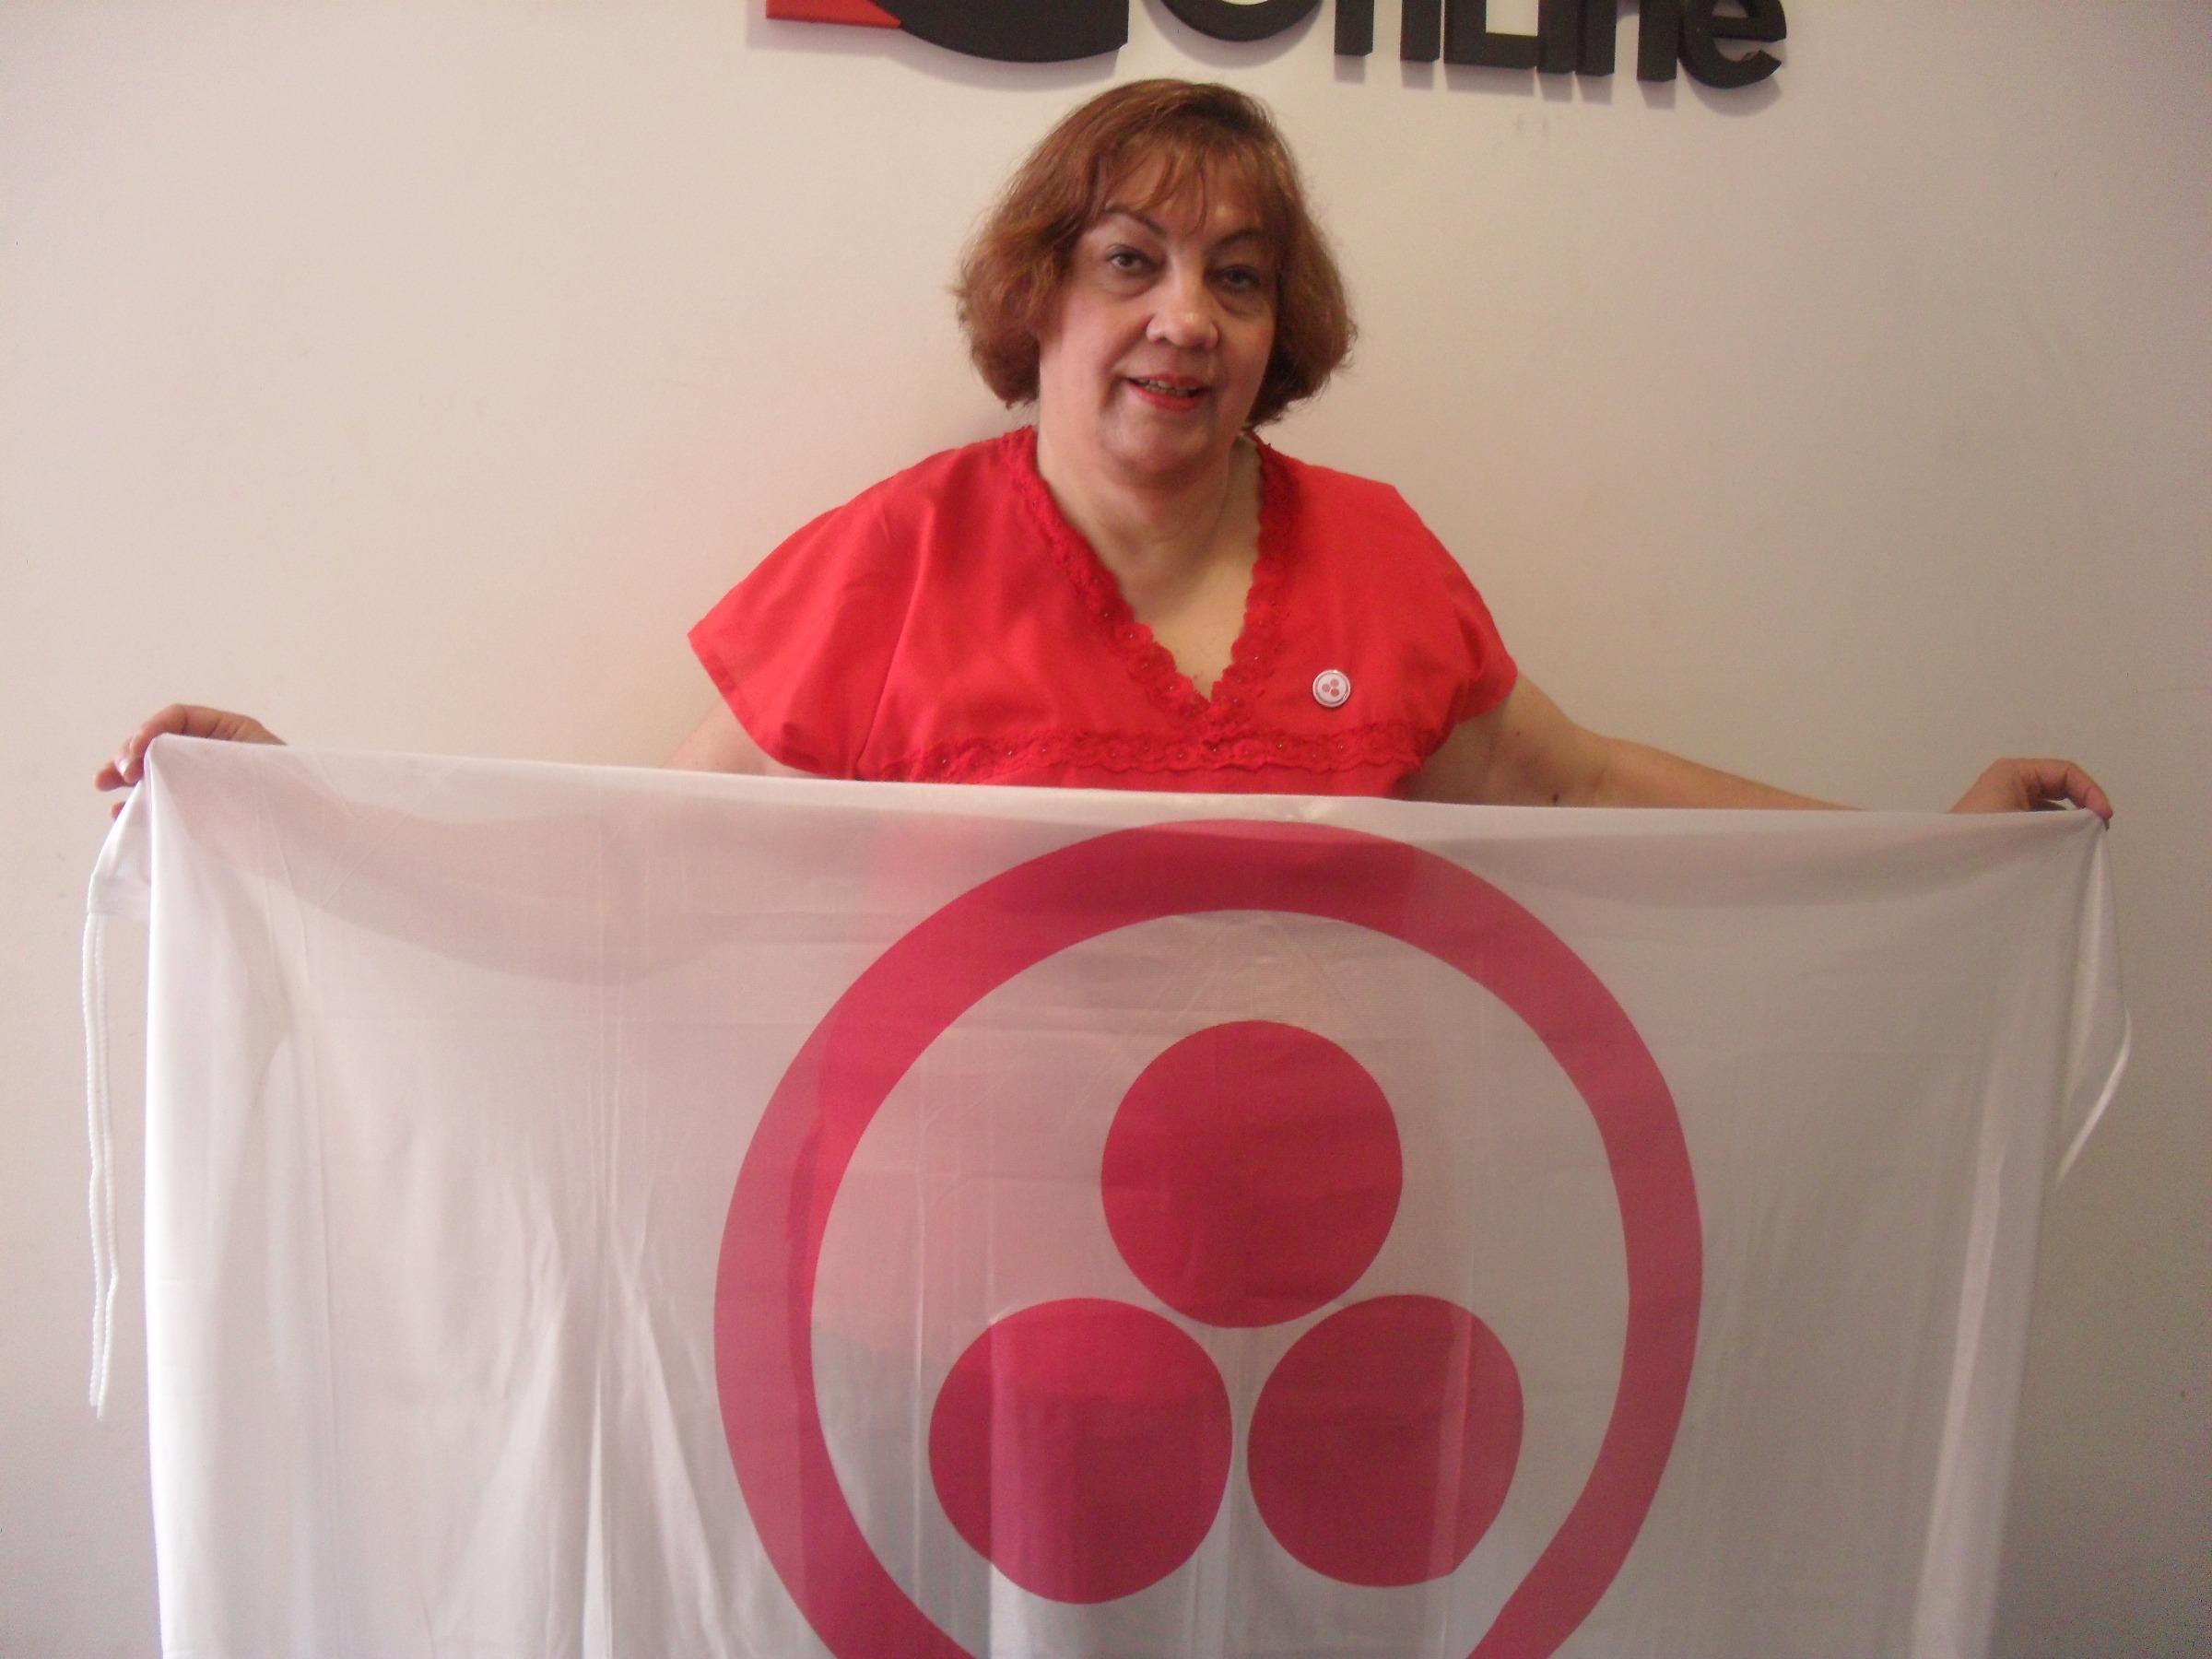 La Bandera de la Paz flameará en los actos públicos de la provincia.